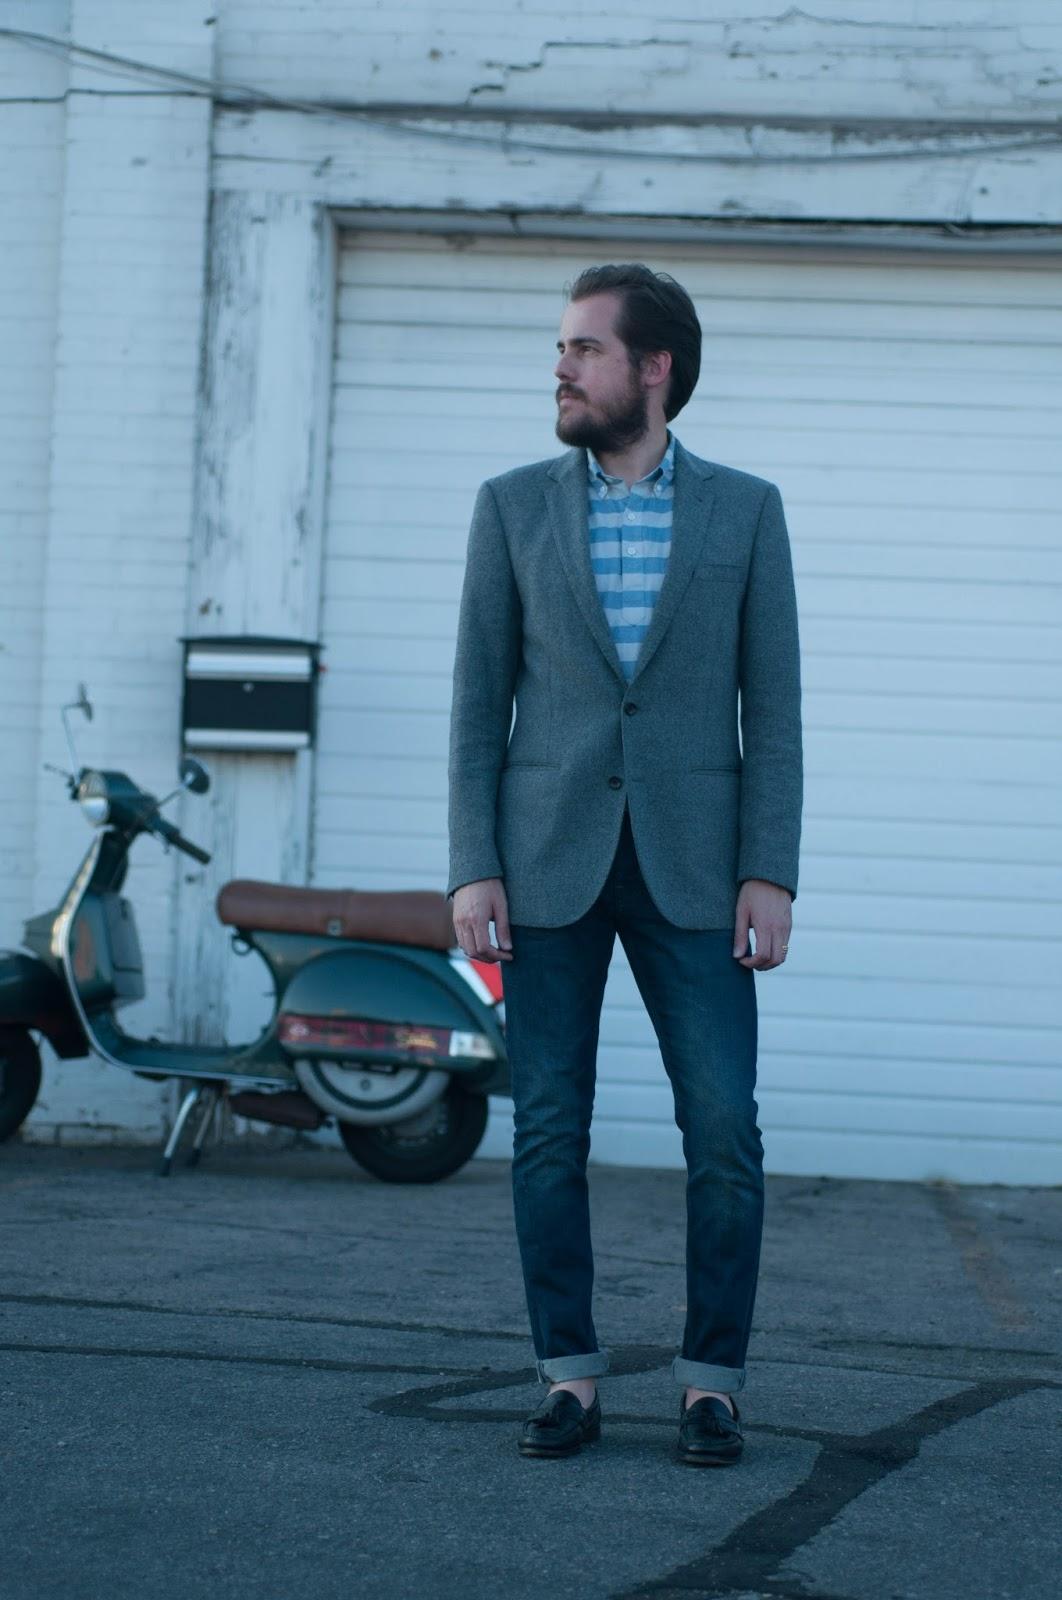 ootd, jcrew, mens style, mens fashion, allen edmounds, all saints cigarette jeans,